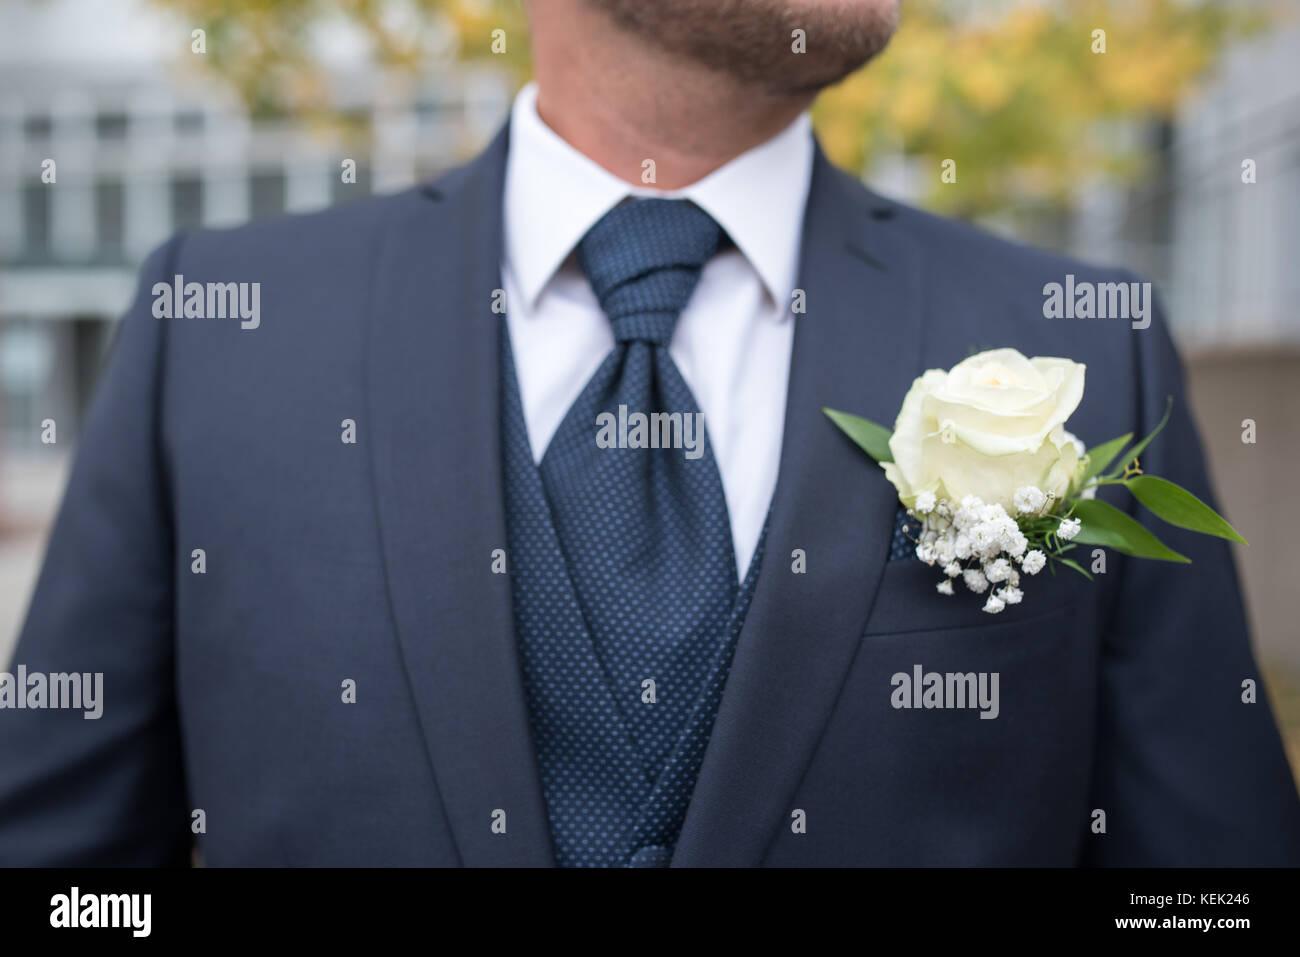 Symbolisch, Symbolbild Bräutigam, Groom. Blauer Anzug, blaue Krawatte, weißes Hemd, blaue Weste, Boutonniere, - Stock Image